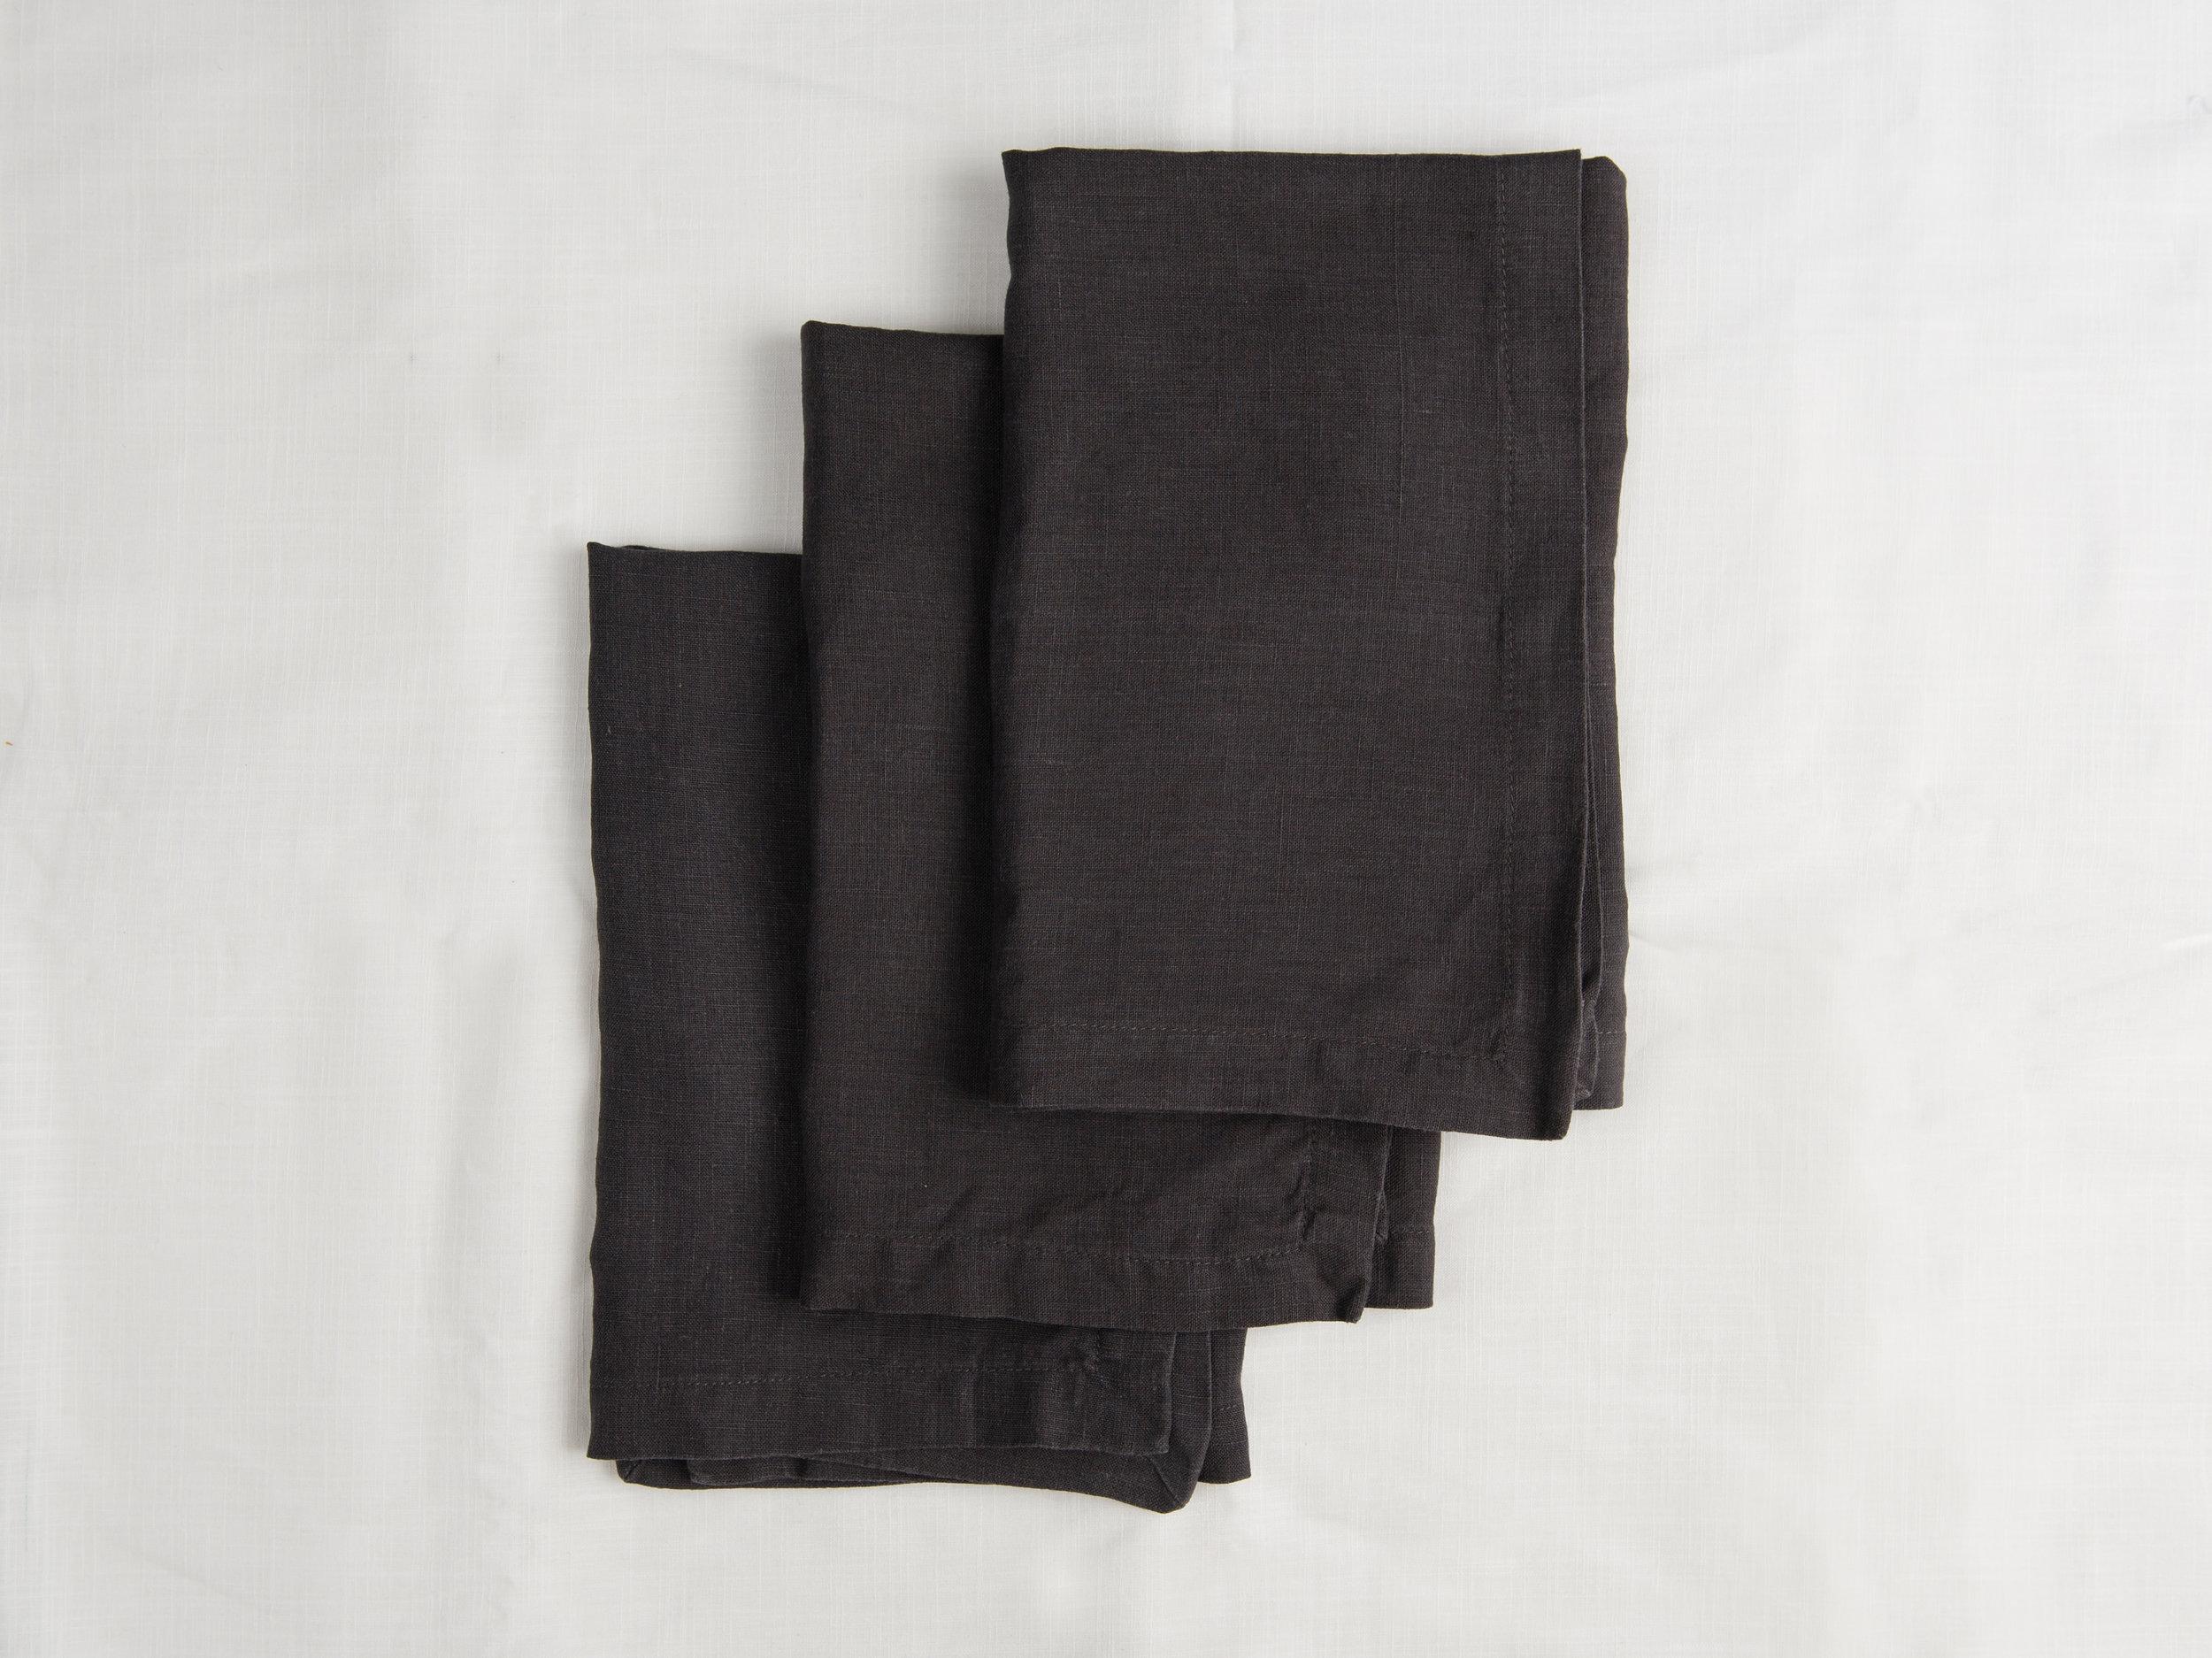 Linen Napkins - Black GV1_3347.jpg